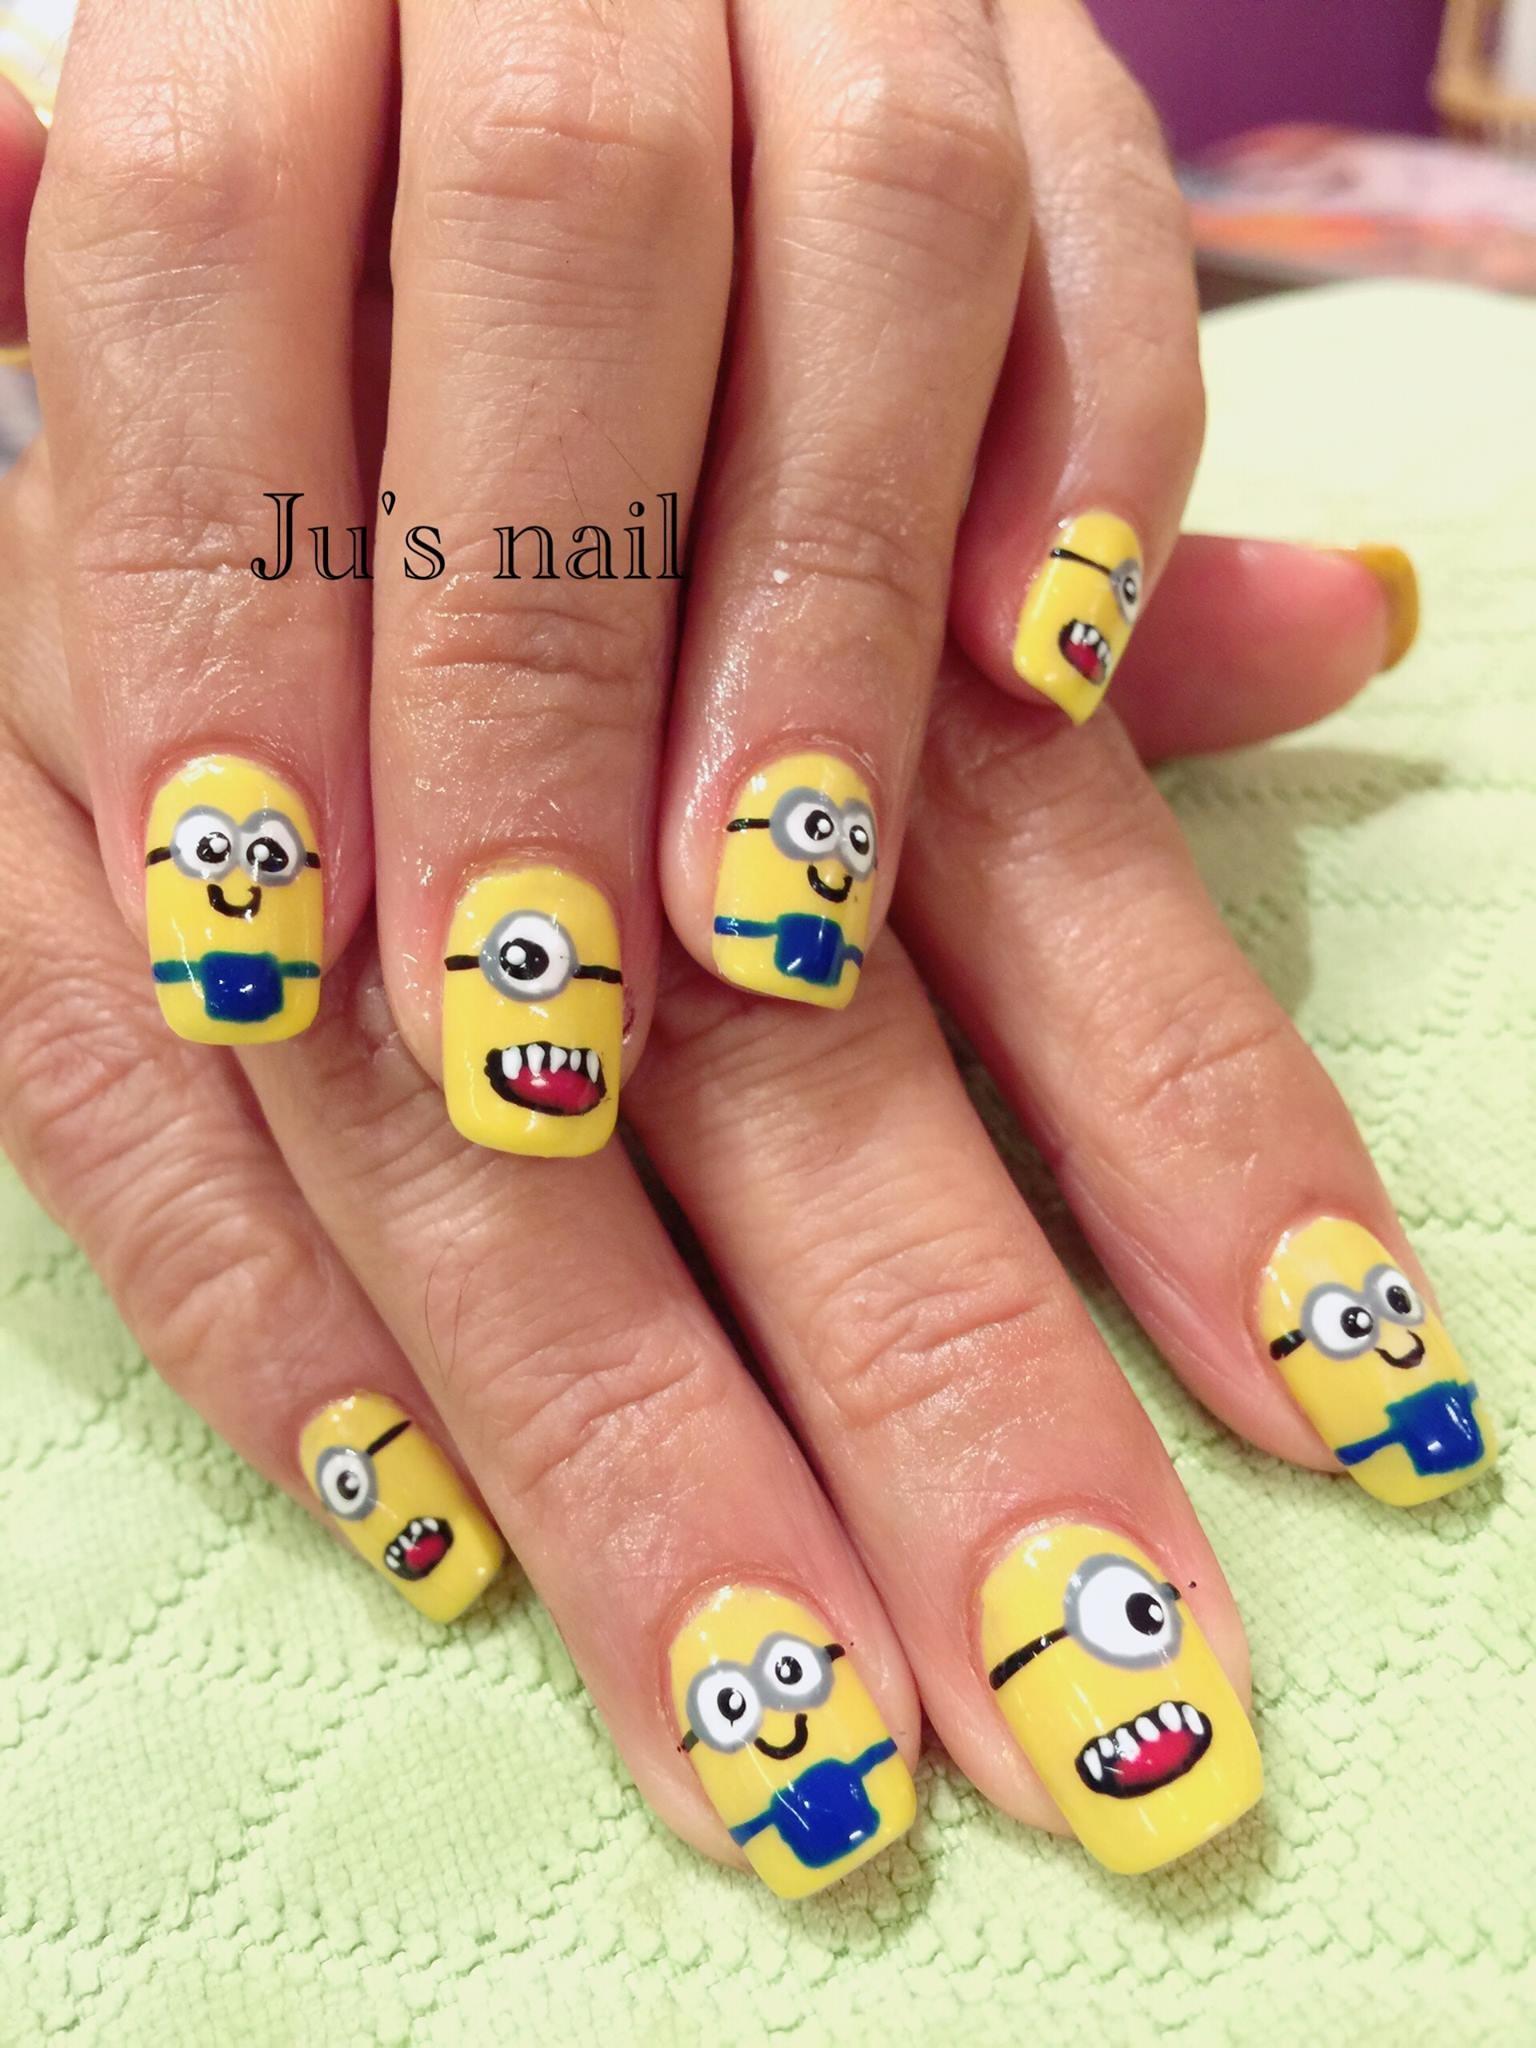 Ju's Nail